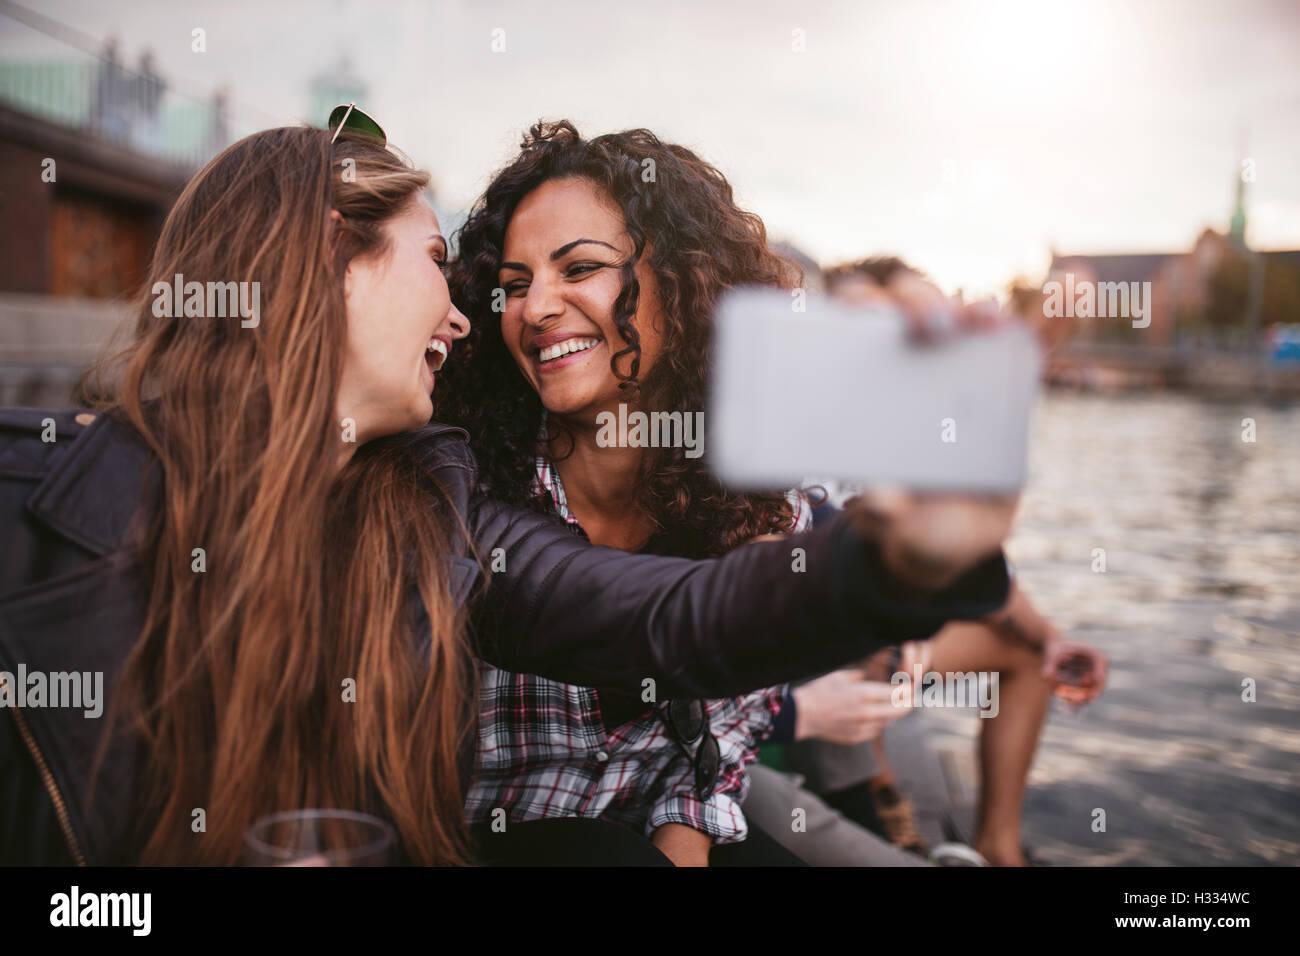 Fröhliche junge Frauen Freunde nehmen Selfie am See. Beste Freunde, die gemeinsam Spaß haben. Stockbild